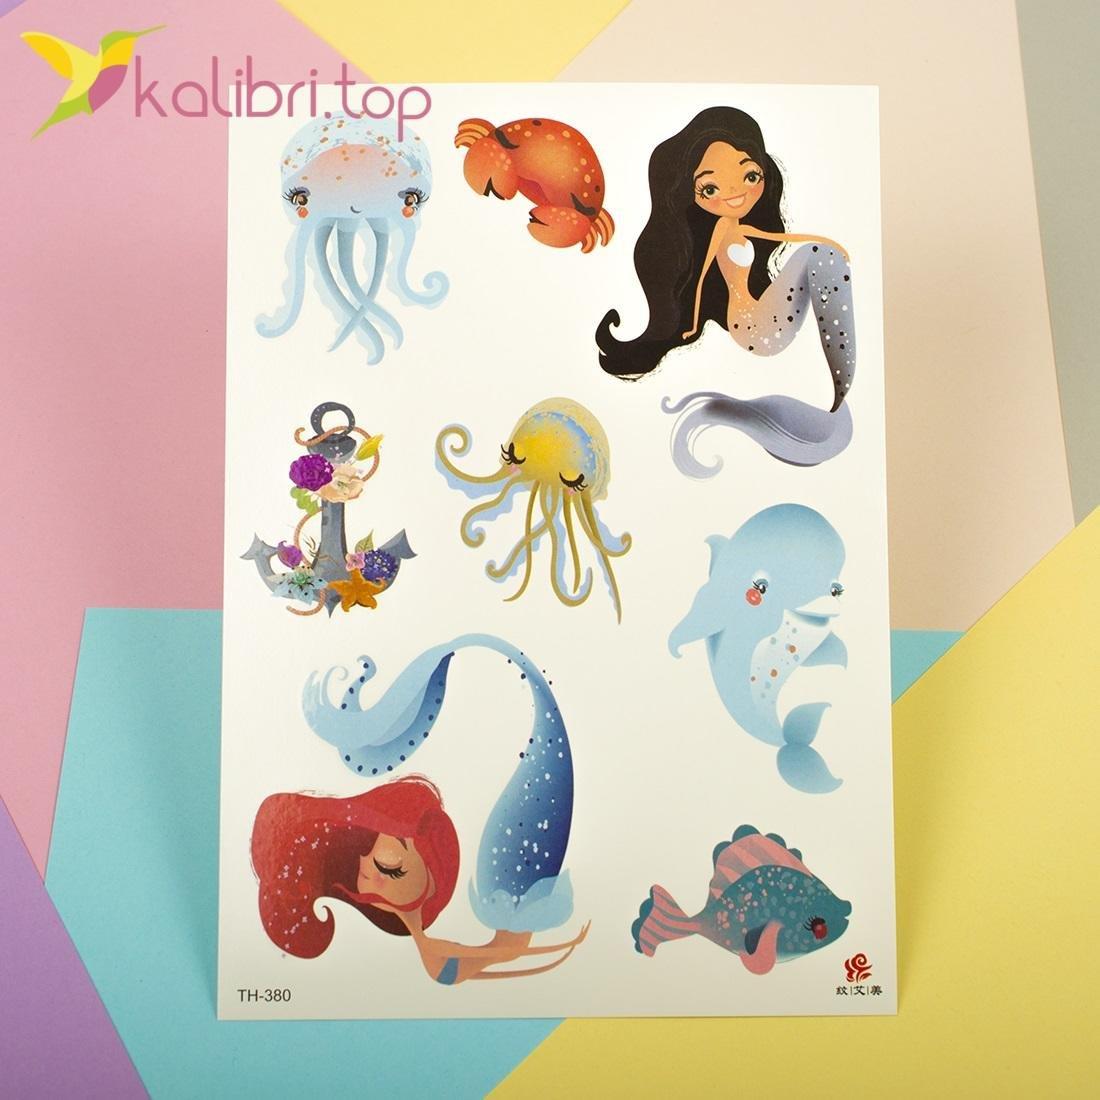 Детские, временные татуировки - русалки, дельфины - Kalibri